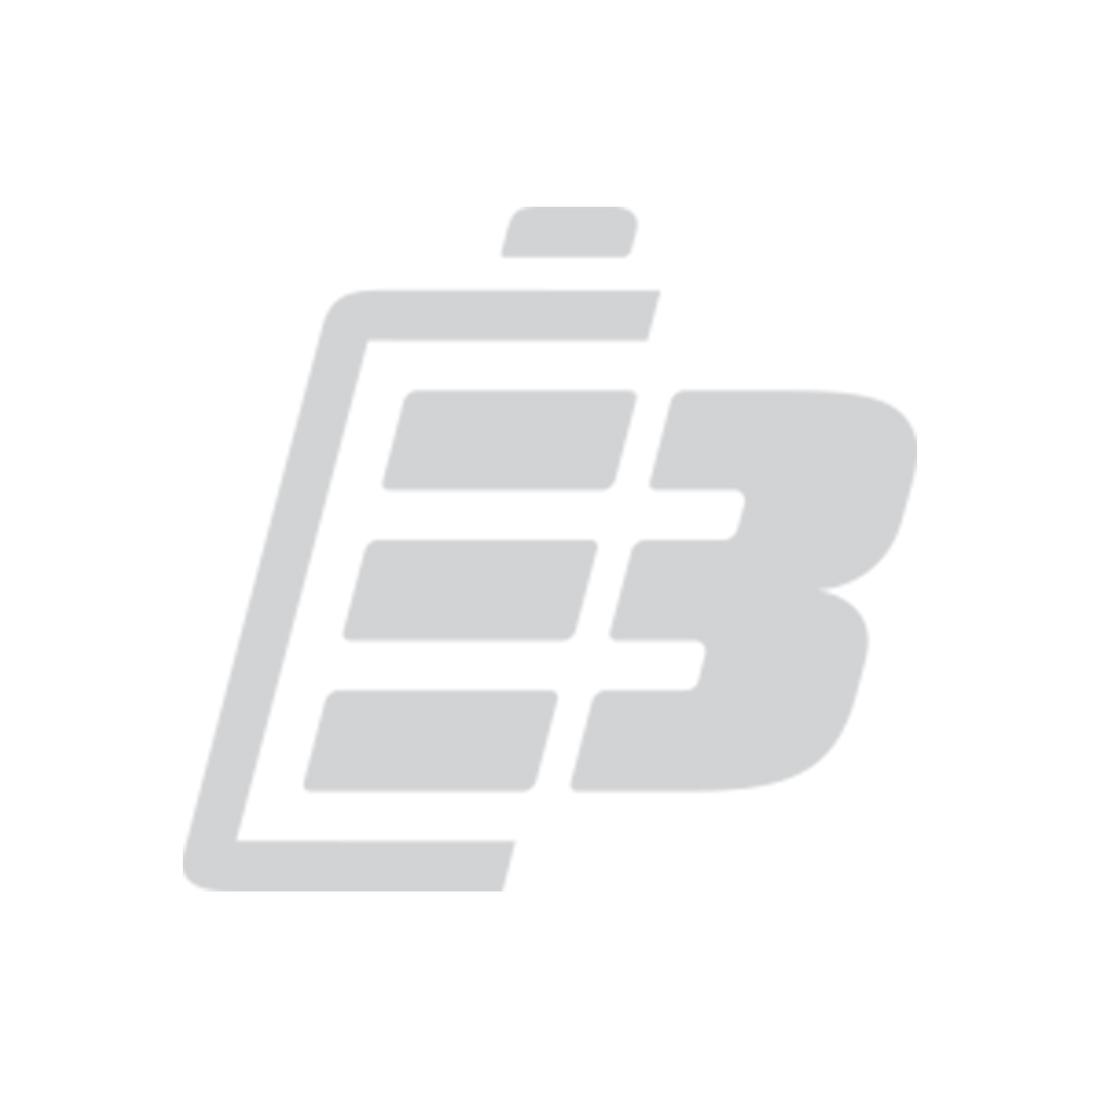 Smartphone battery Asus ZenFone 2 Laser_1